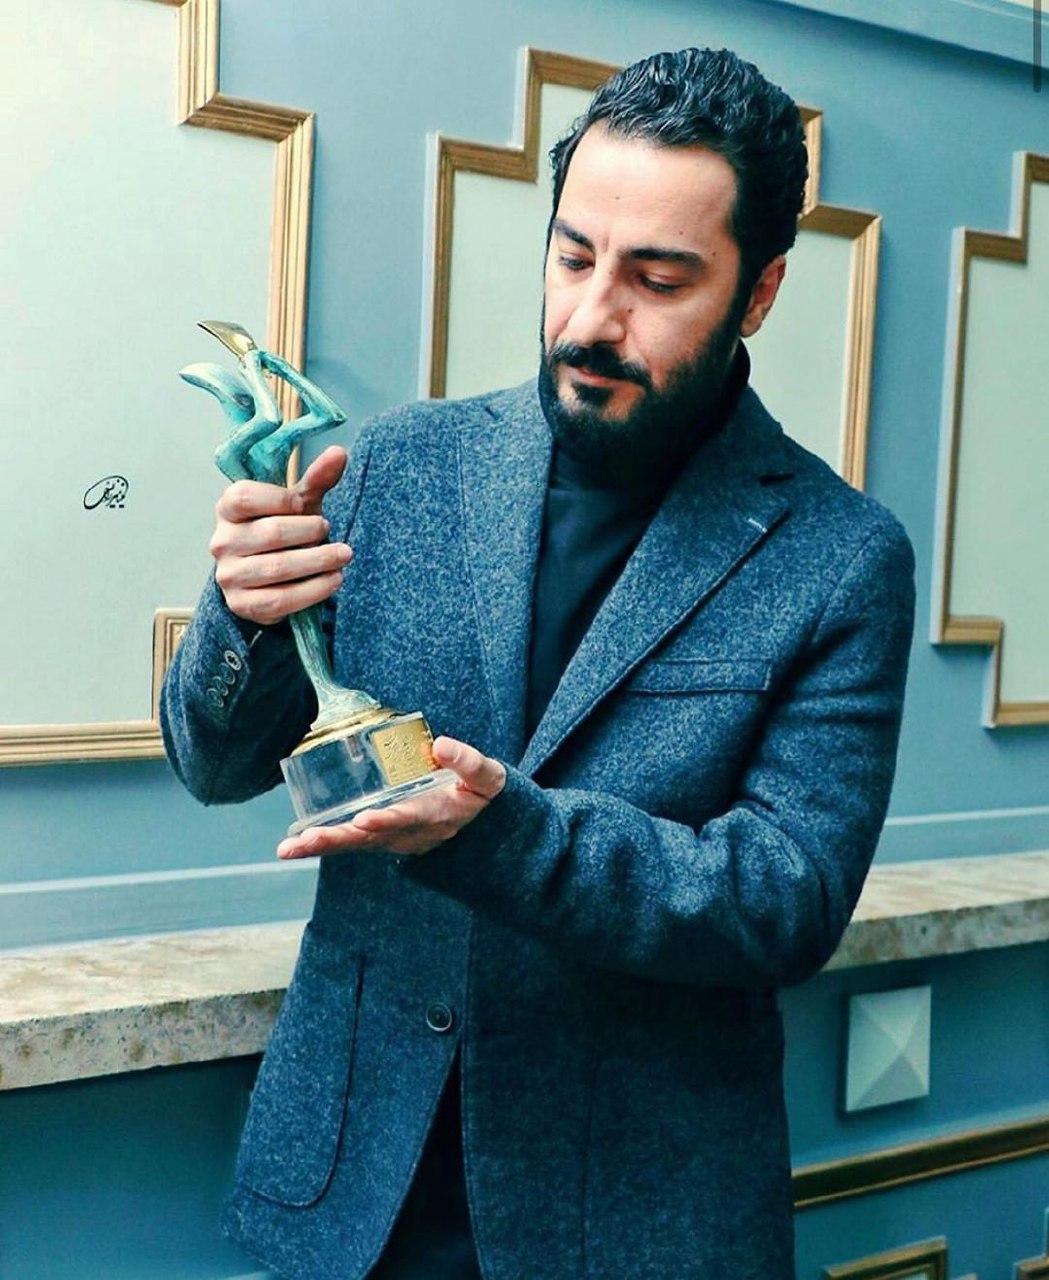 وید محمدزاده، مهمترین جایزه بازیگری عمر خود را گرفت